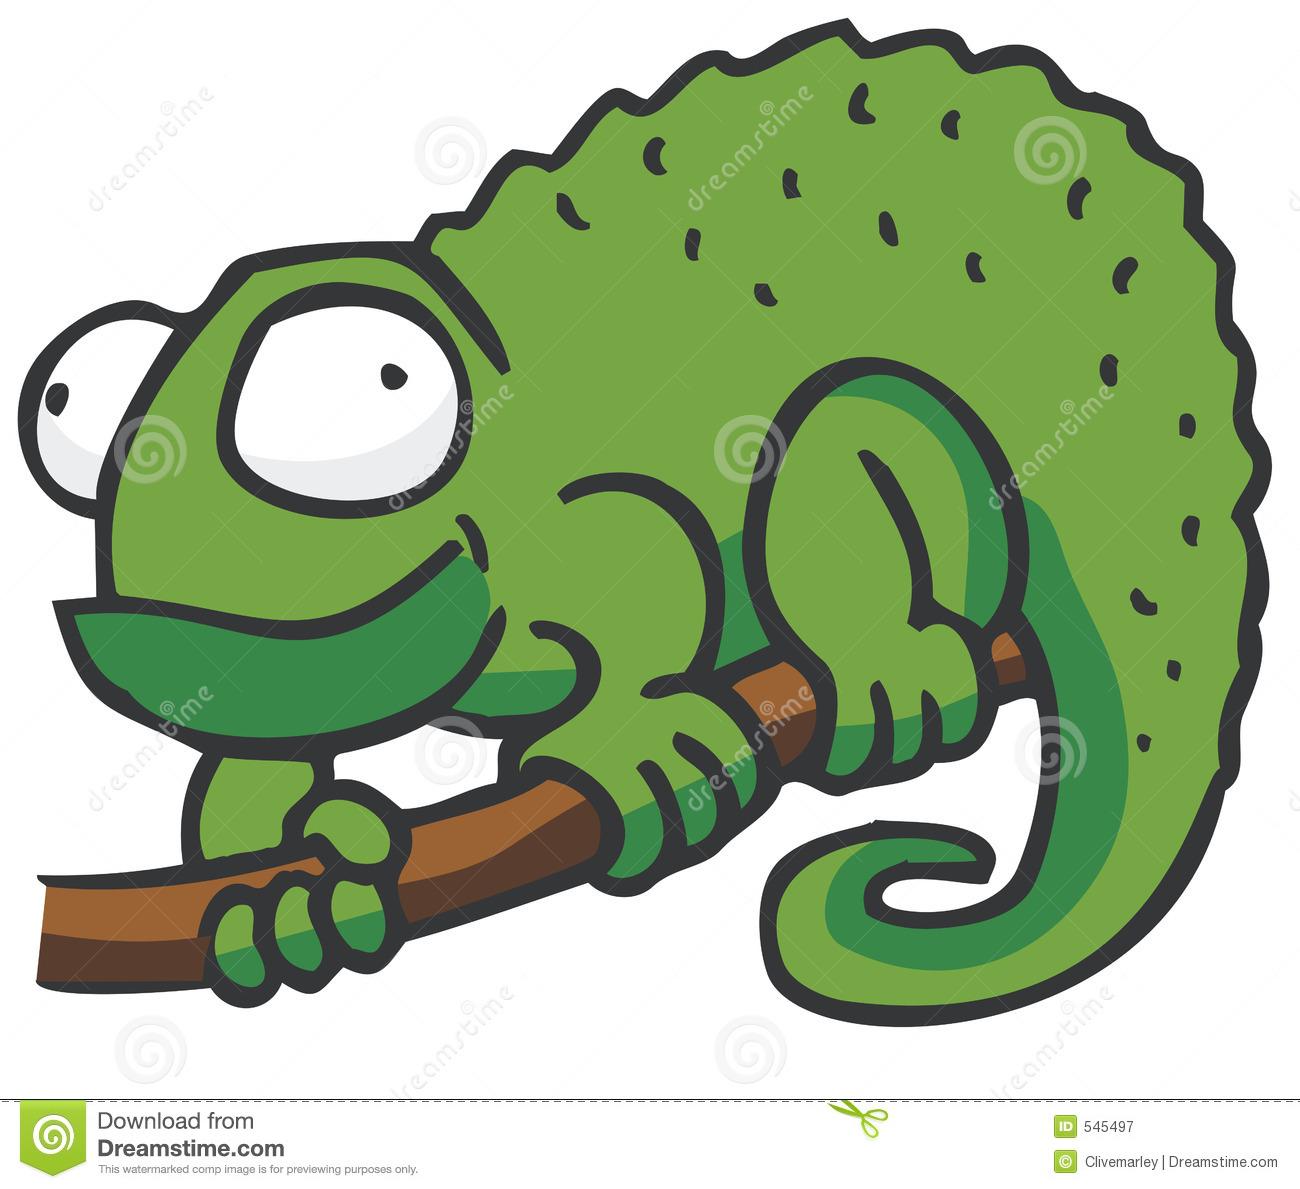 chameleon clipart #38.